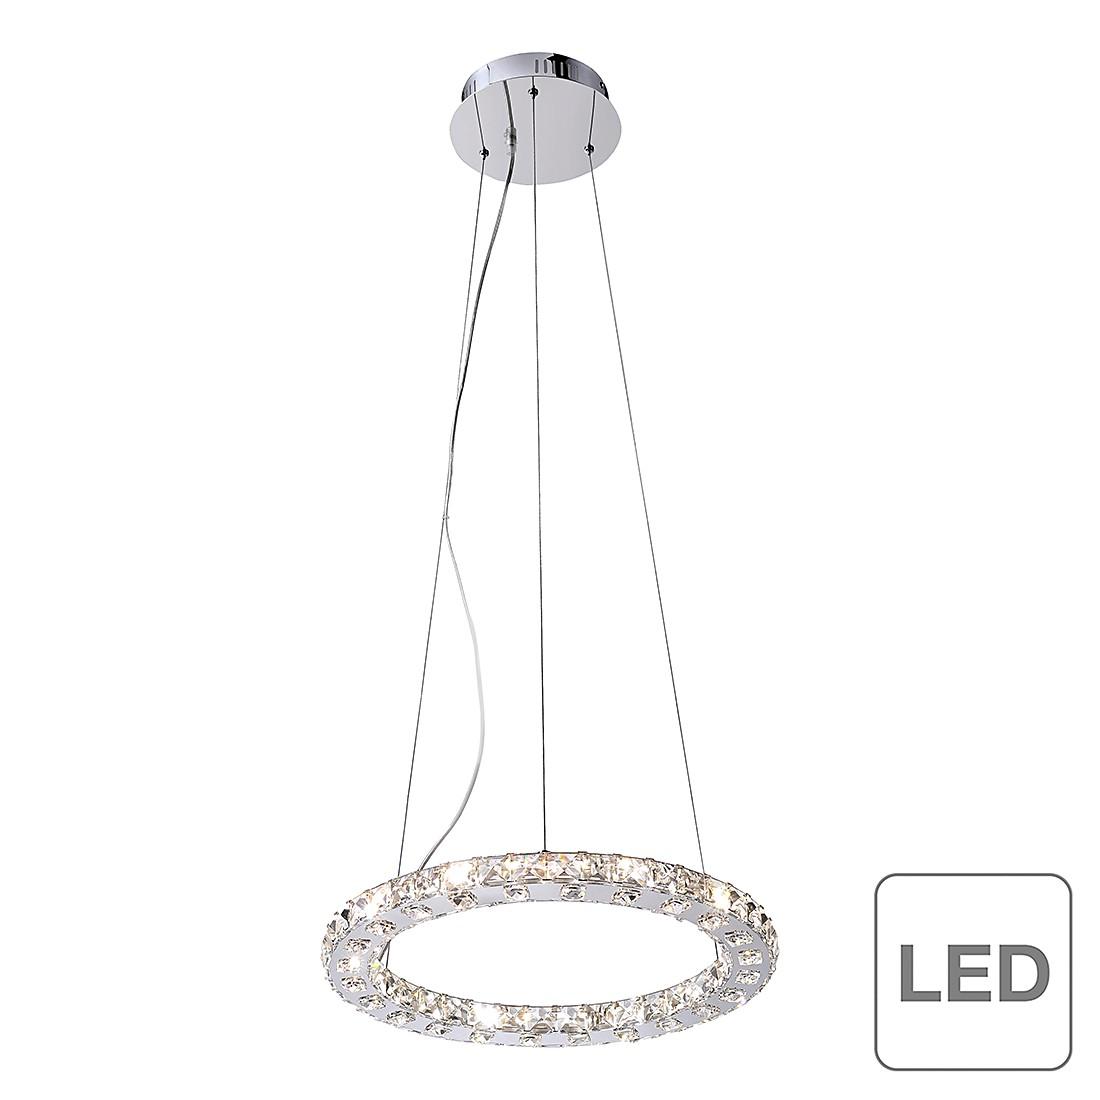 energie  A+, Hanglamp Jola - 2 lichtbronnen, Paul Neuhaus